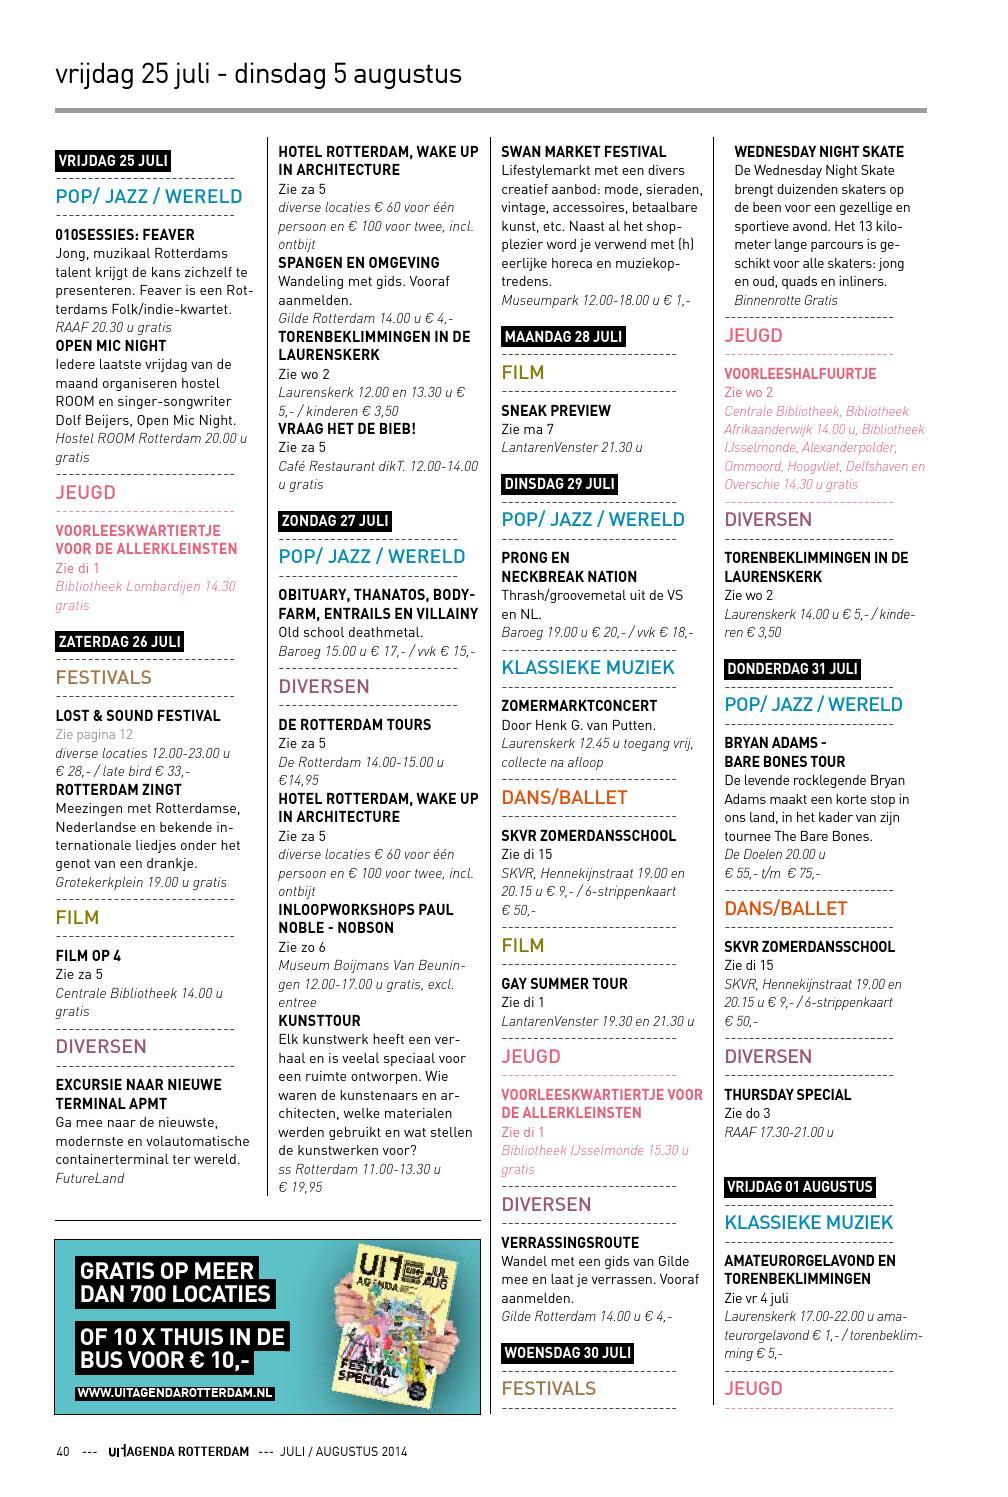 Uitagenda rotterdam juli augustus 2014 by rotterdam for Uit agenda rotterdam